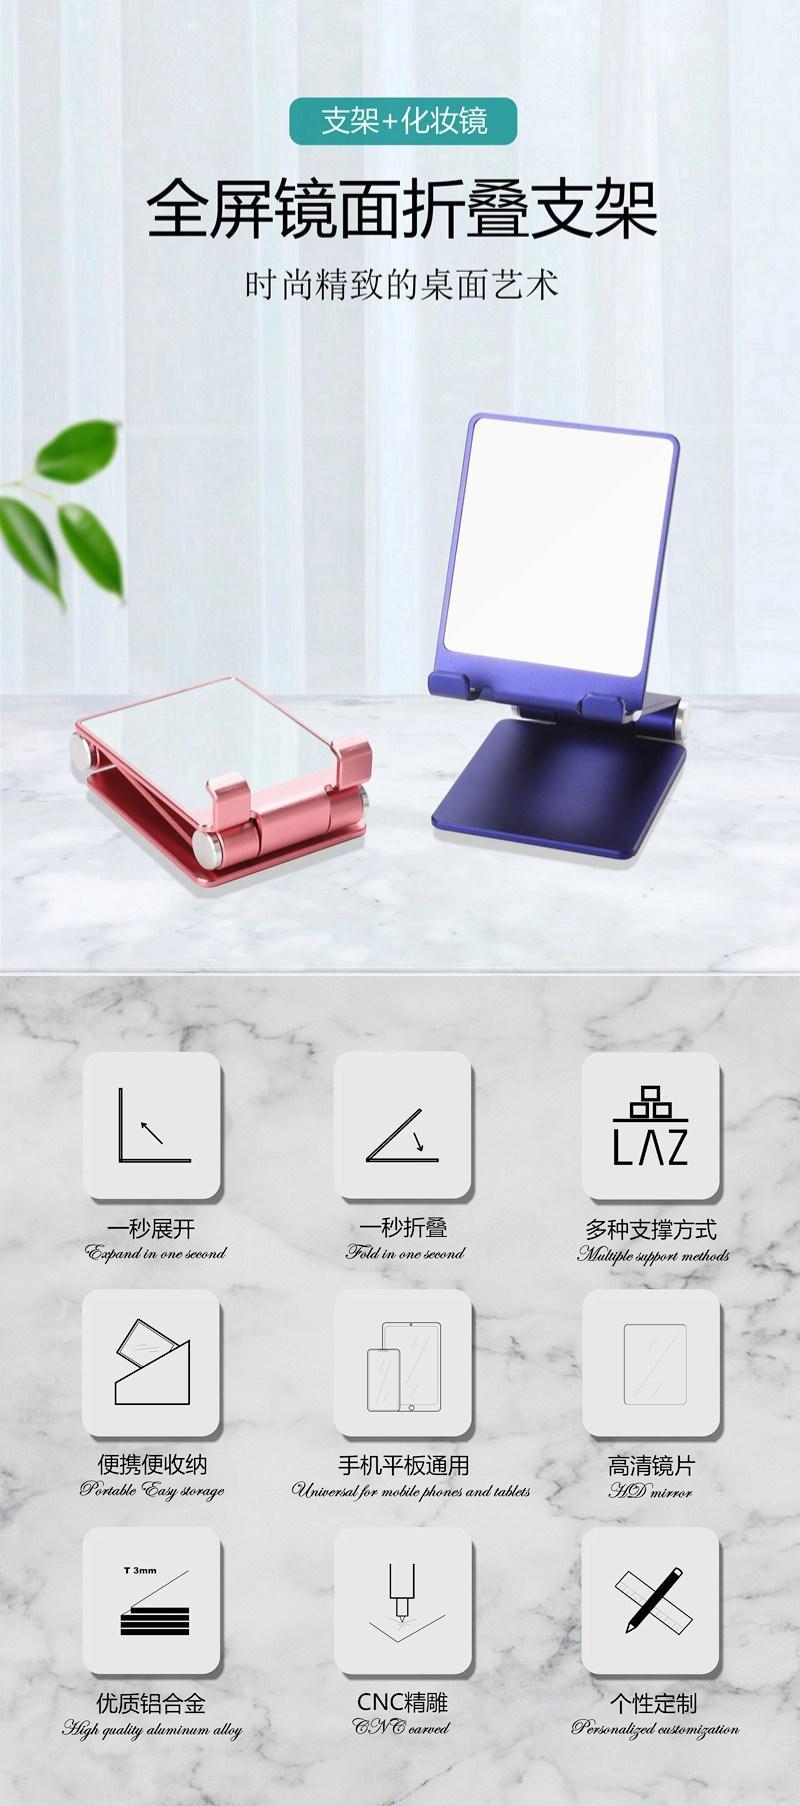 新款1秒桌面折叠铝合金手机平板懒人支架礼品定制支架 3